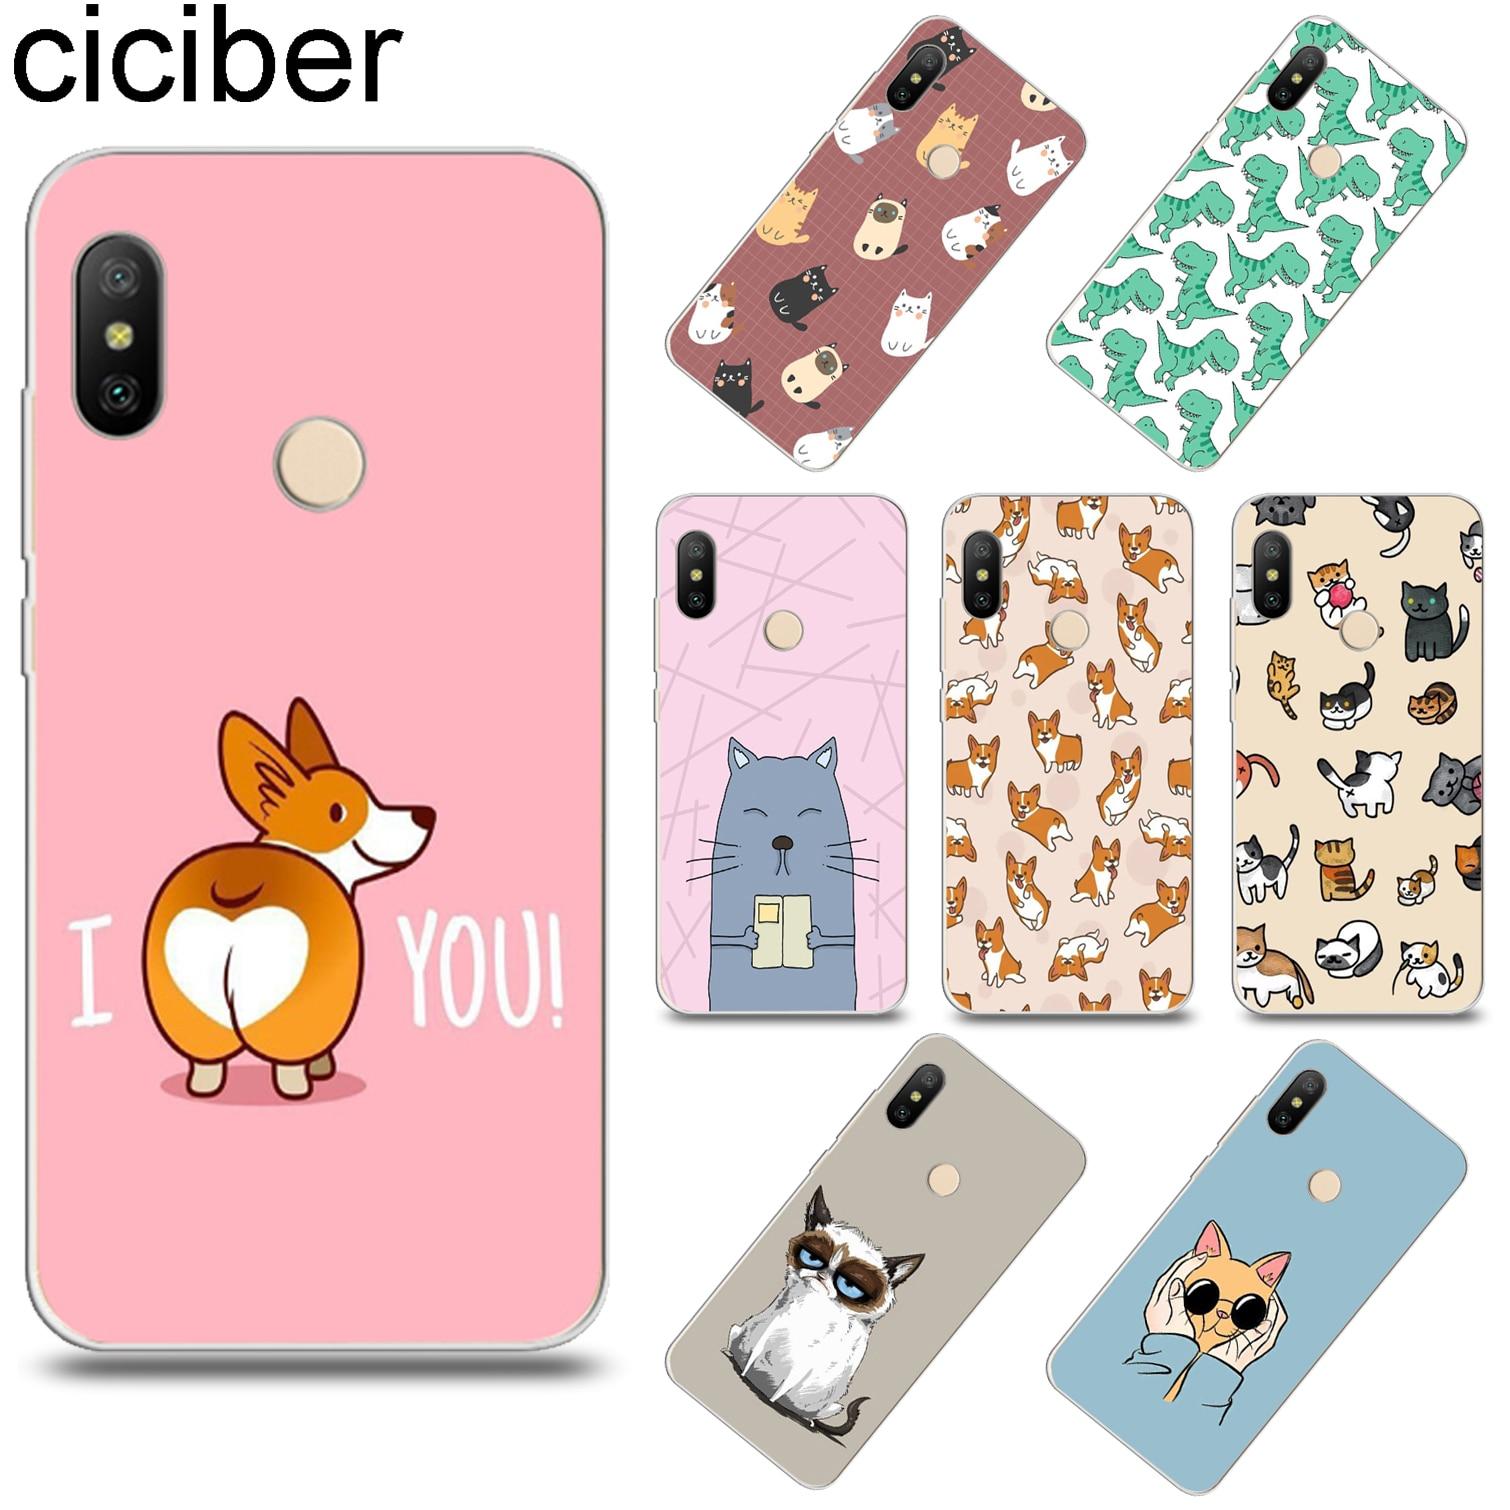 Ciciber Kitten-Cover Phone-Case Corgi Xiaomi Redmi Note-7 Plus For Note-7/5-6-4/3-pro-x-a/..